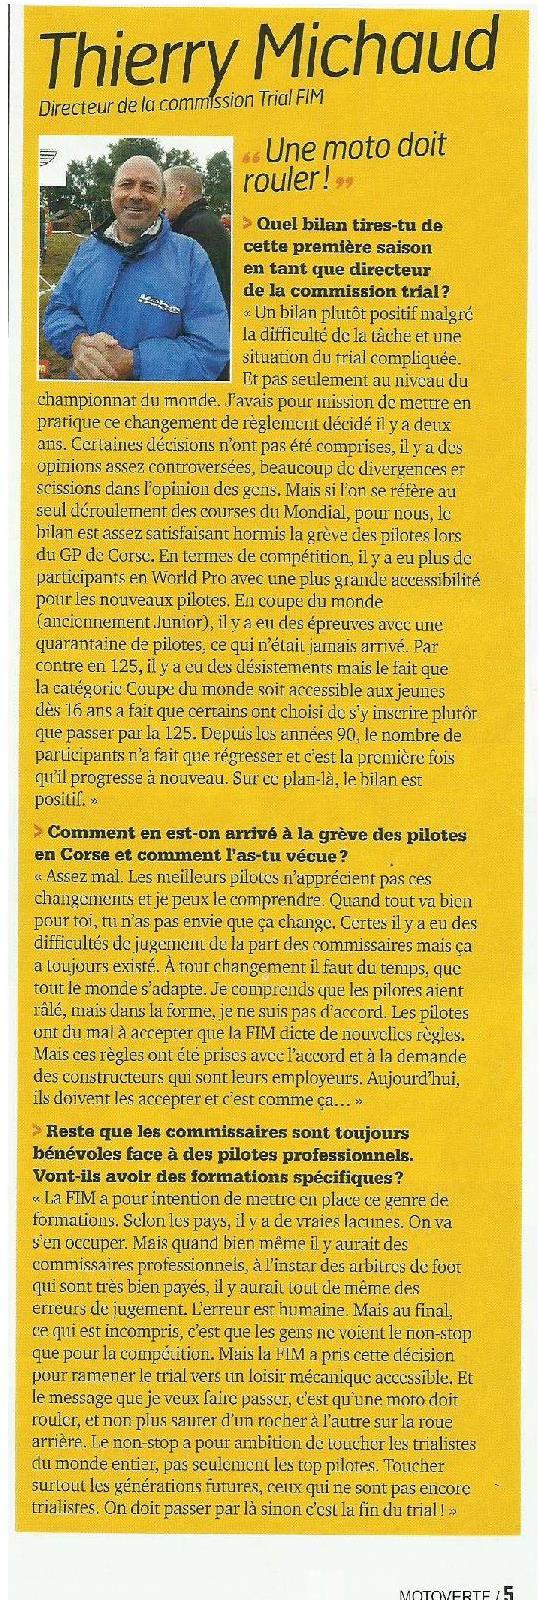 interview_michaud.jpg